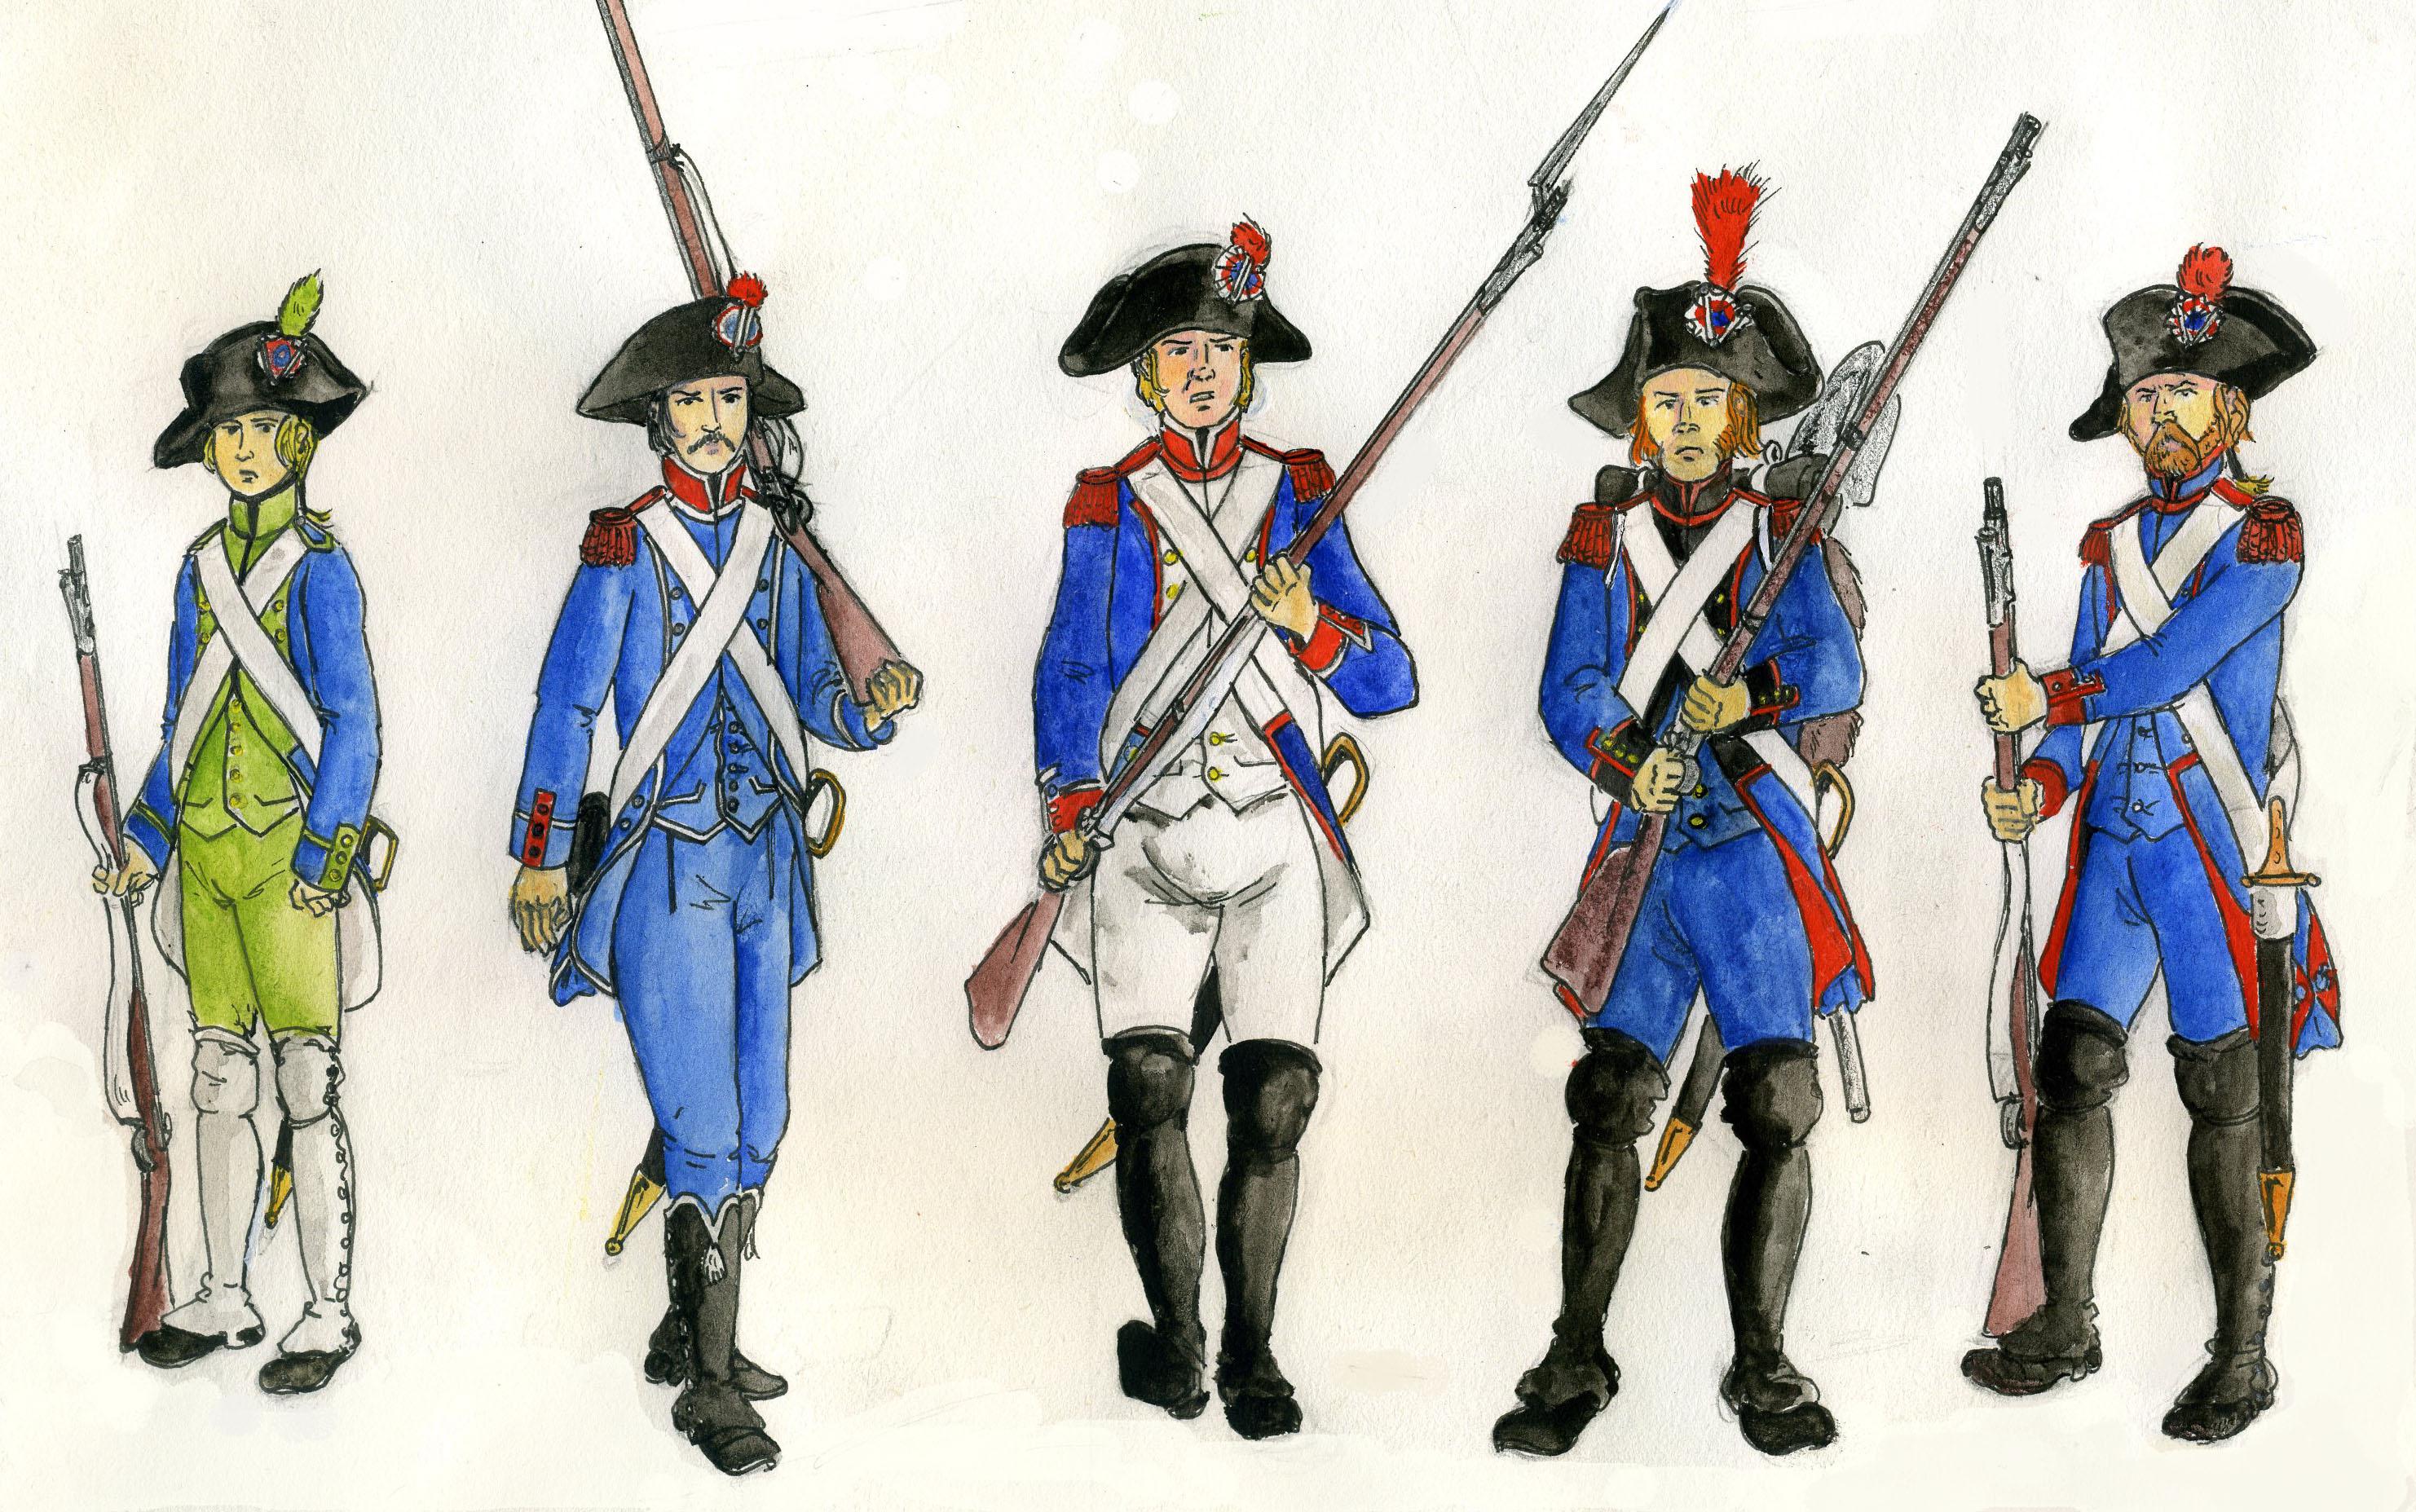 Soldats_R%C3%A9volution_fran%C3%A7aise.jpg